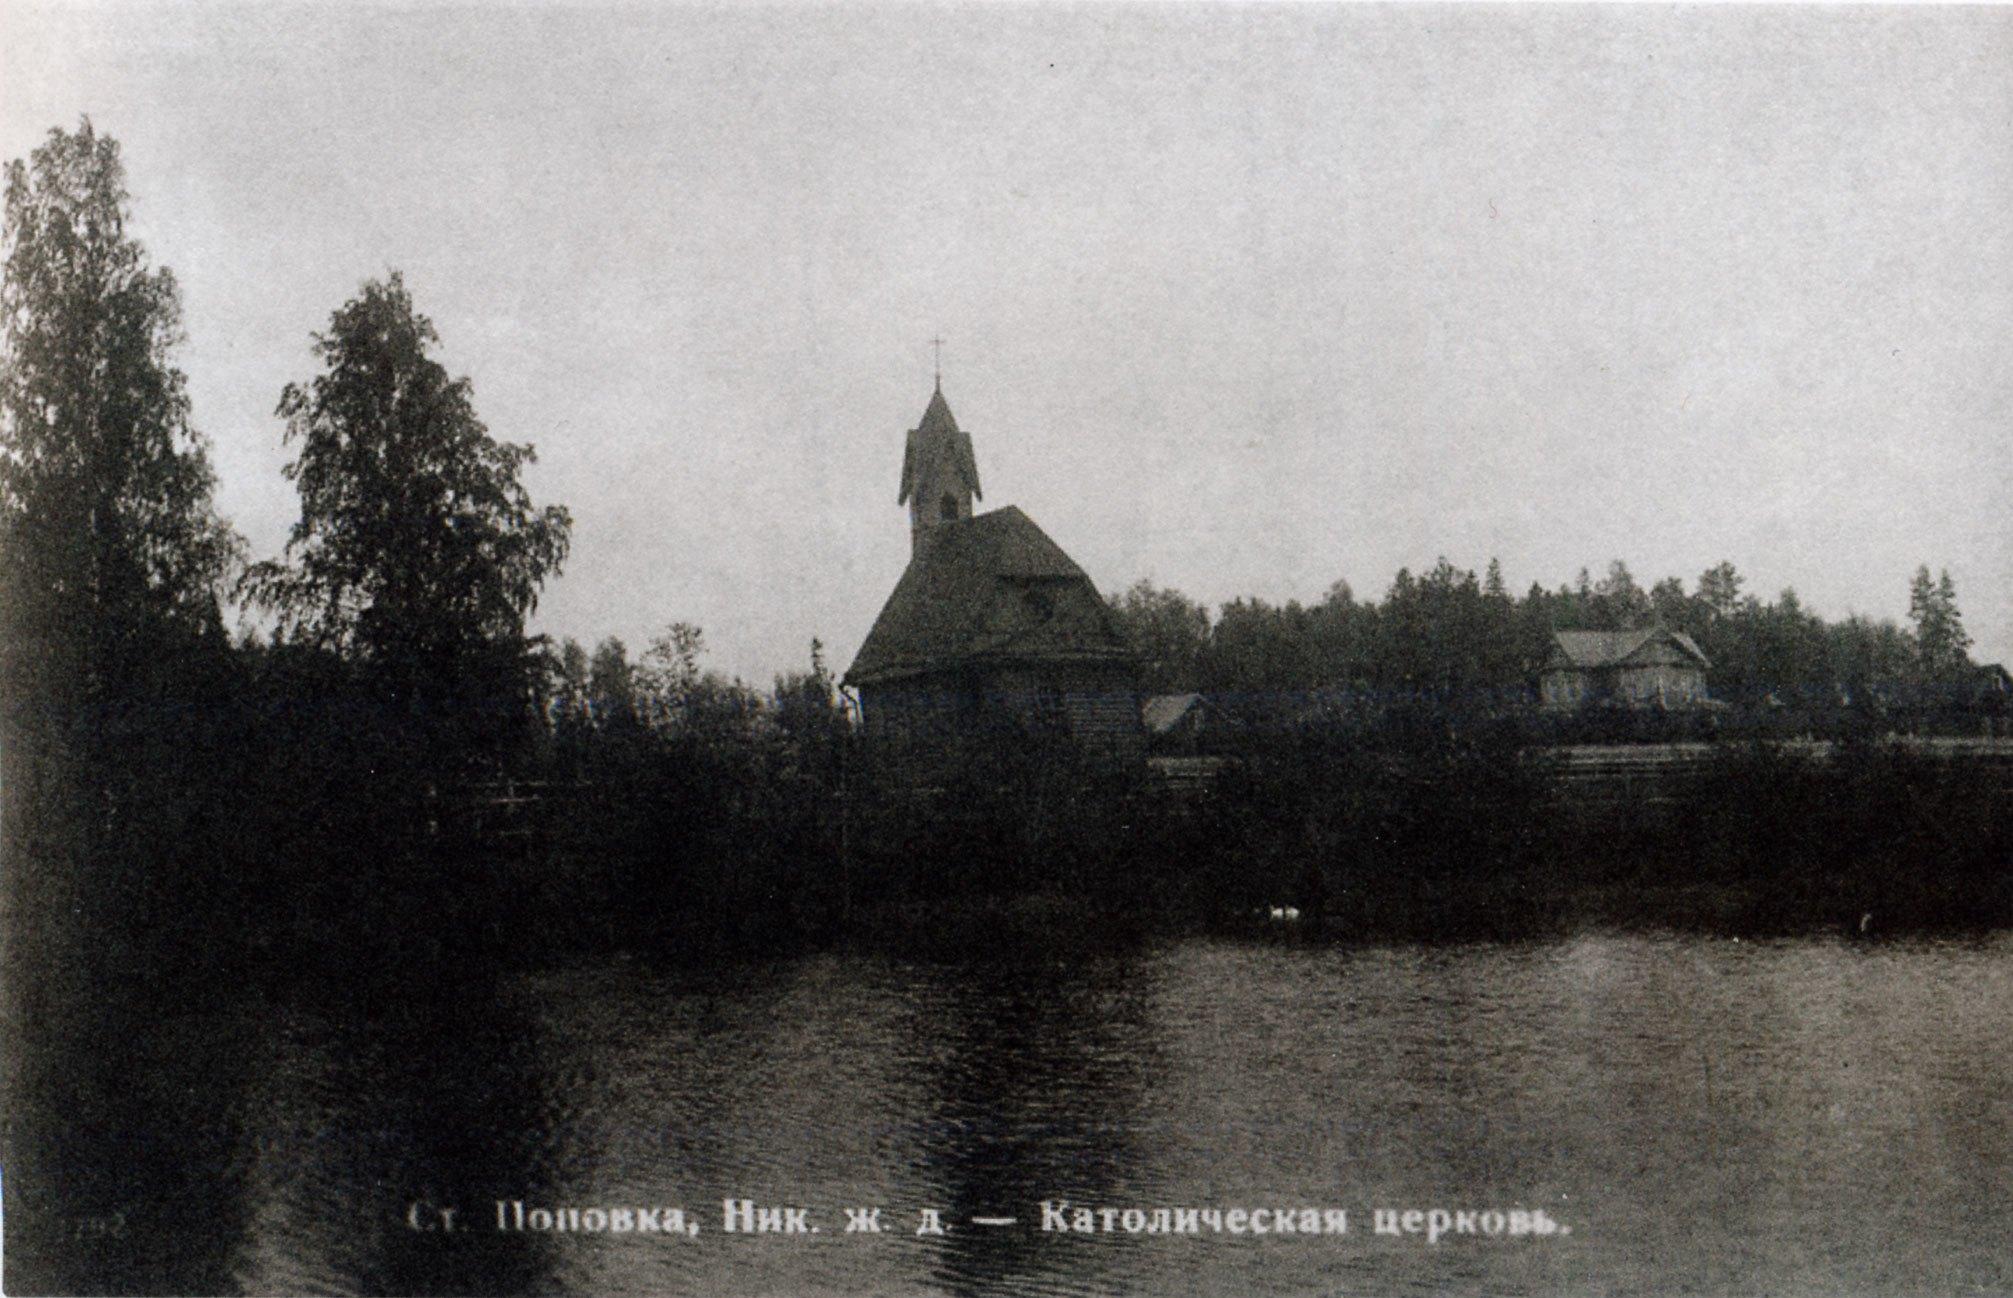 Станция Поповка. Католическая церковь